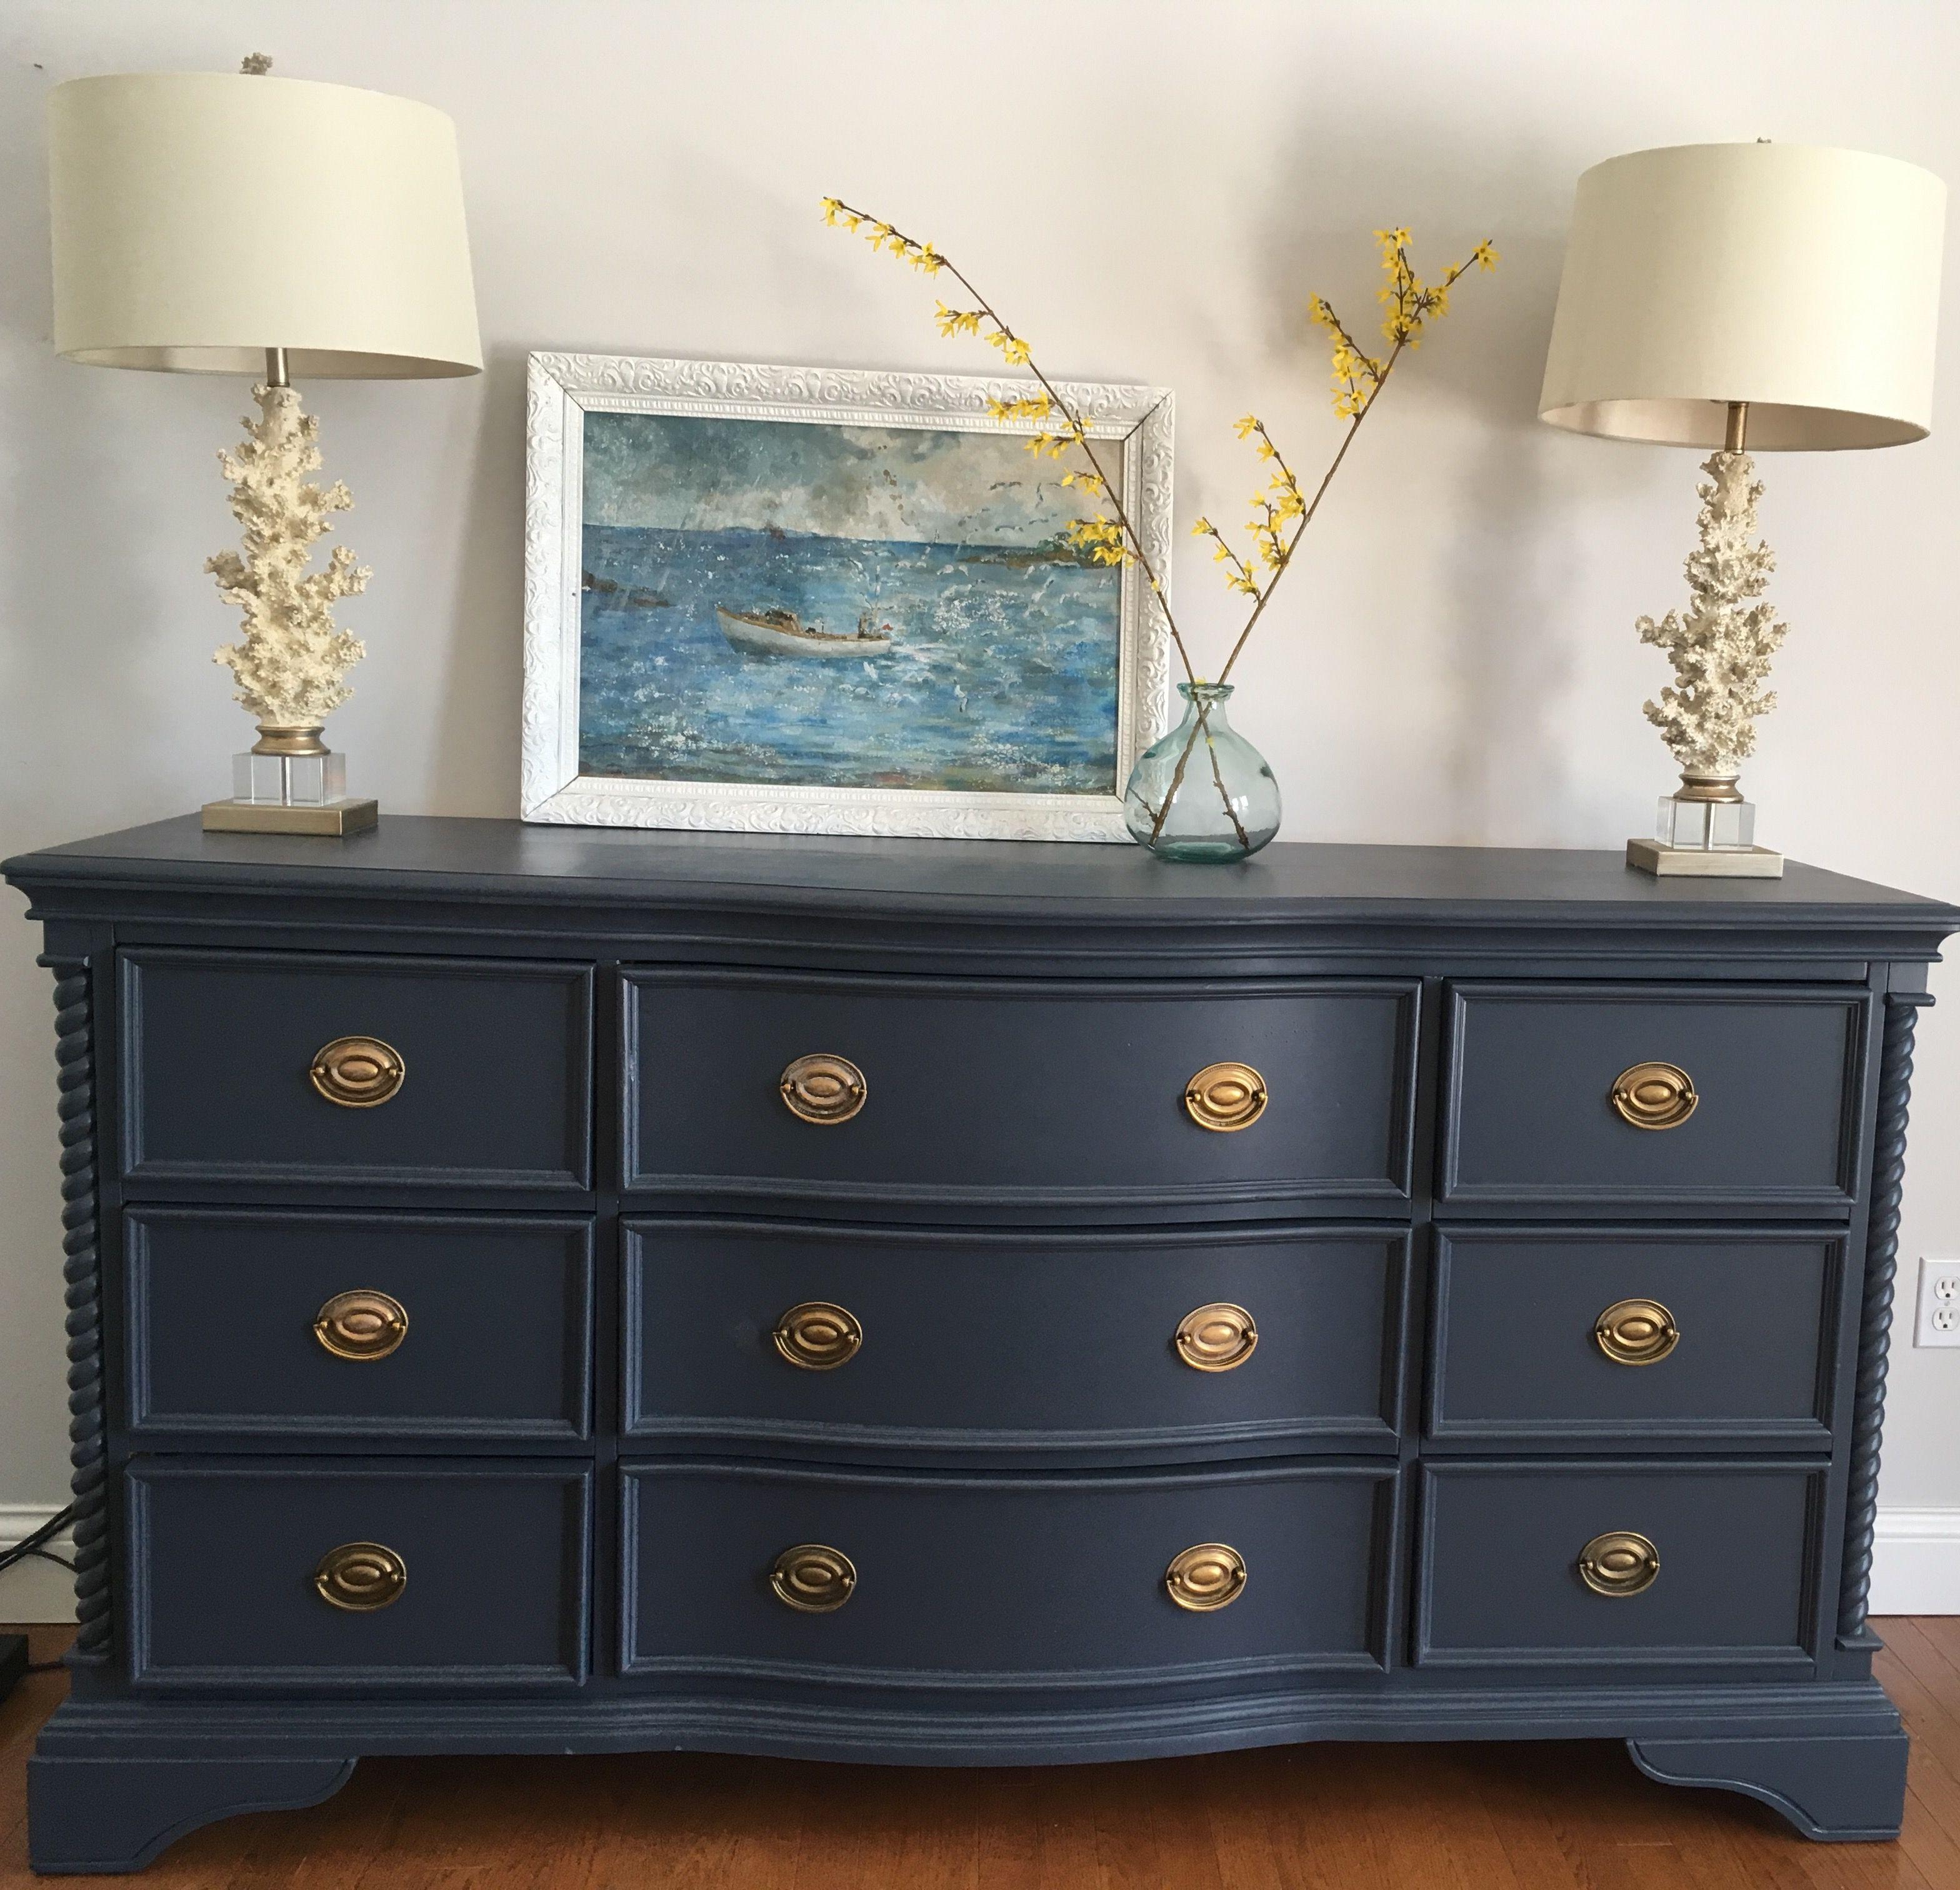 Hale Navy Painted Dresser Repainting Bedroom Furniture Navy